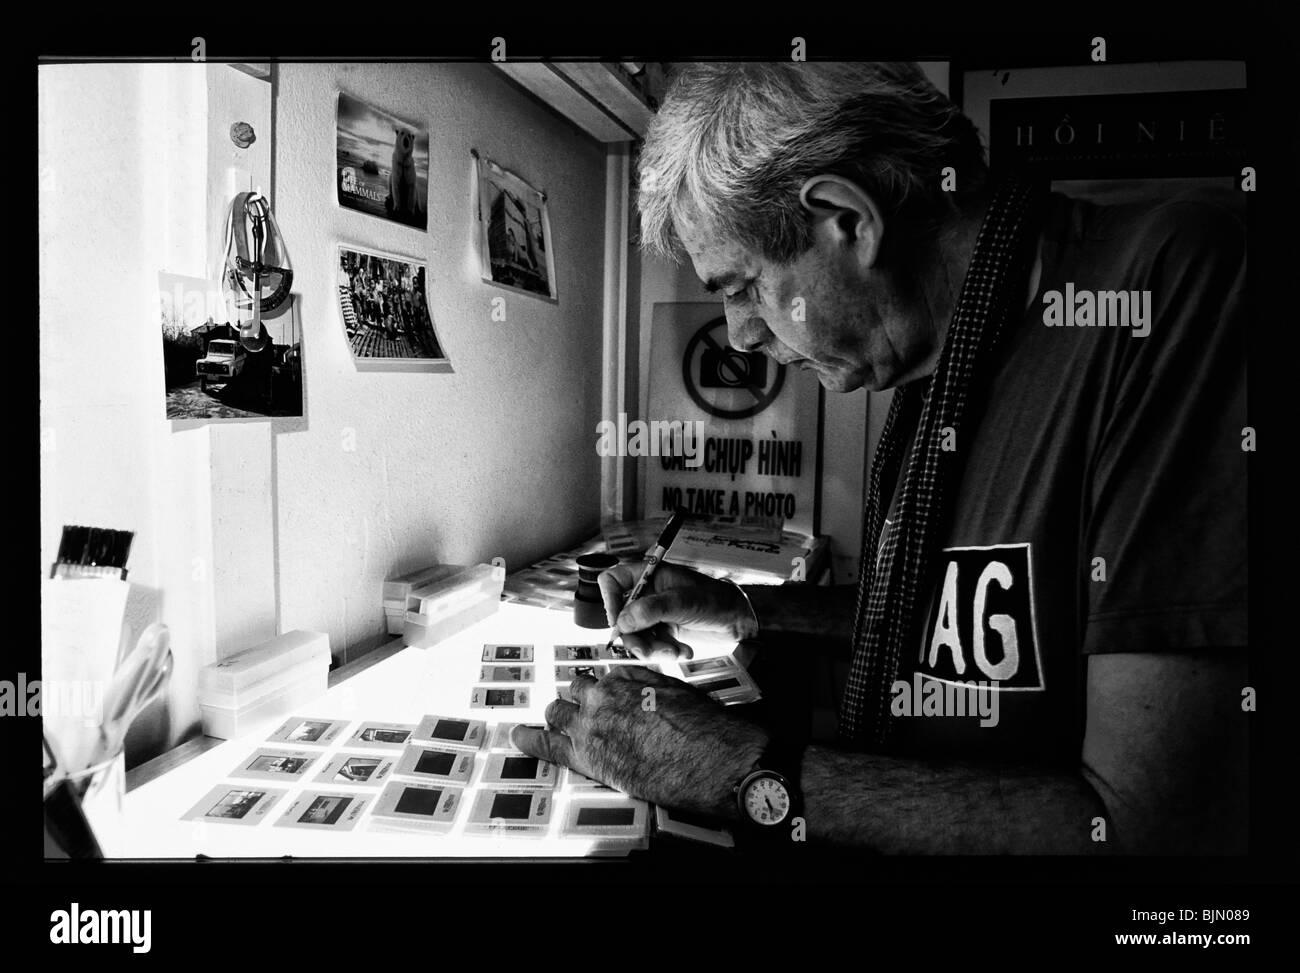 Konflikt-Fotograf Tim Page in seinem Haus in Brisbane, Australien Stockbild